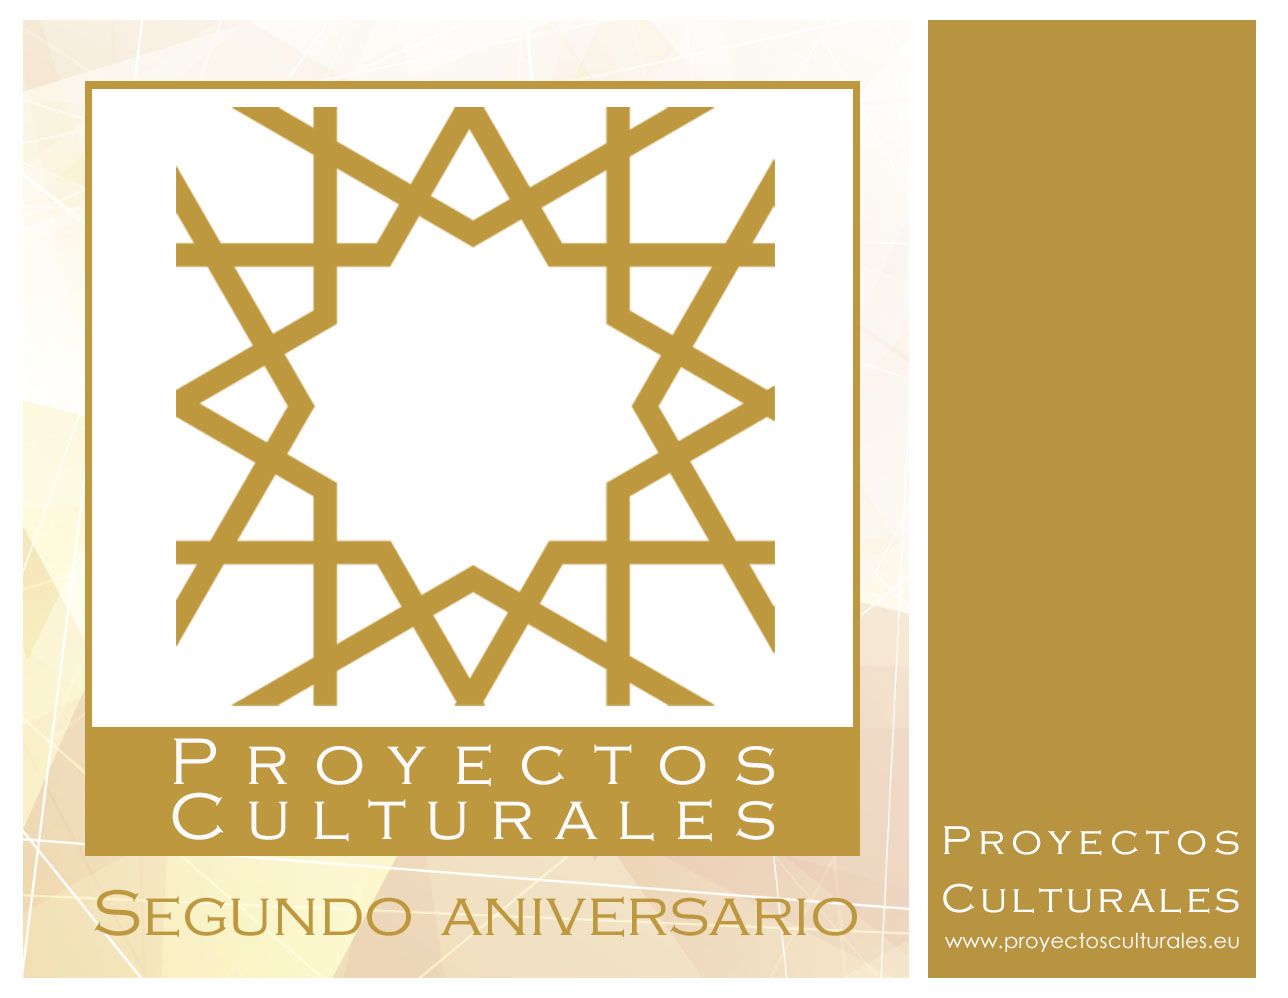 Segundo Aniversario de Proyectos Culturales